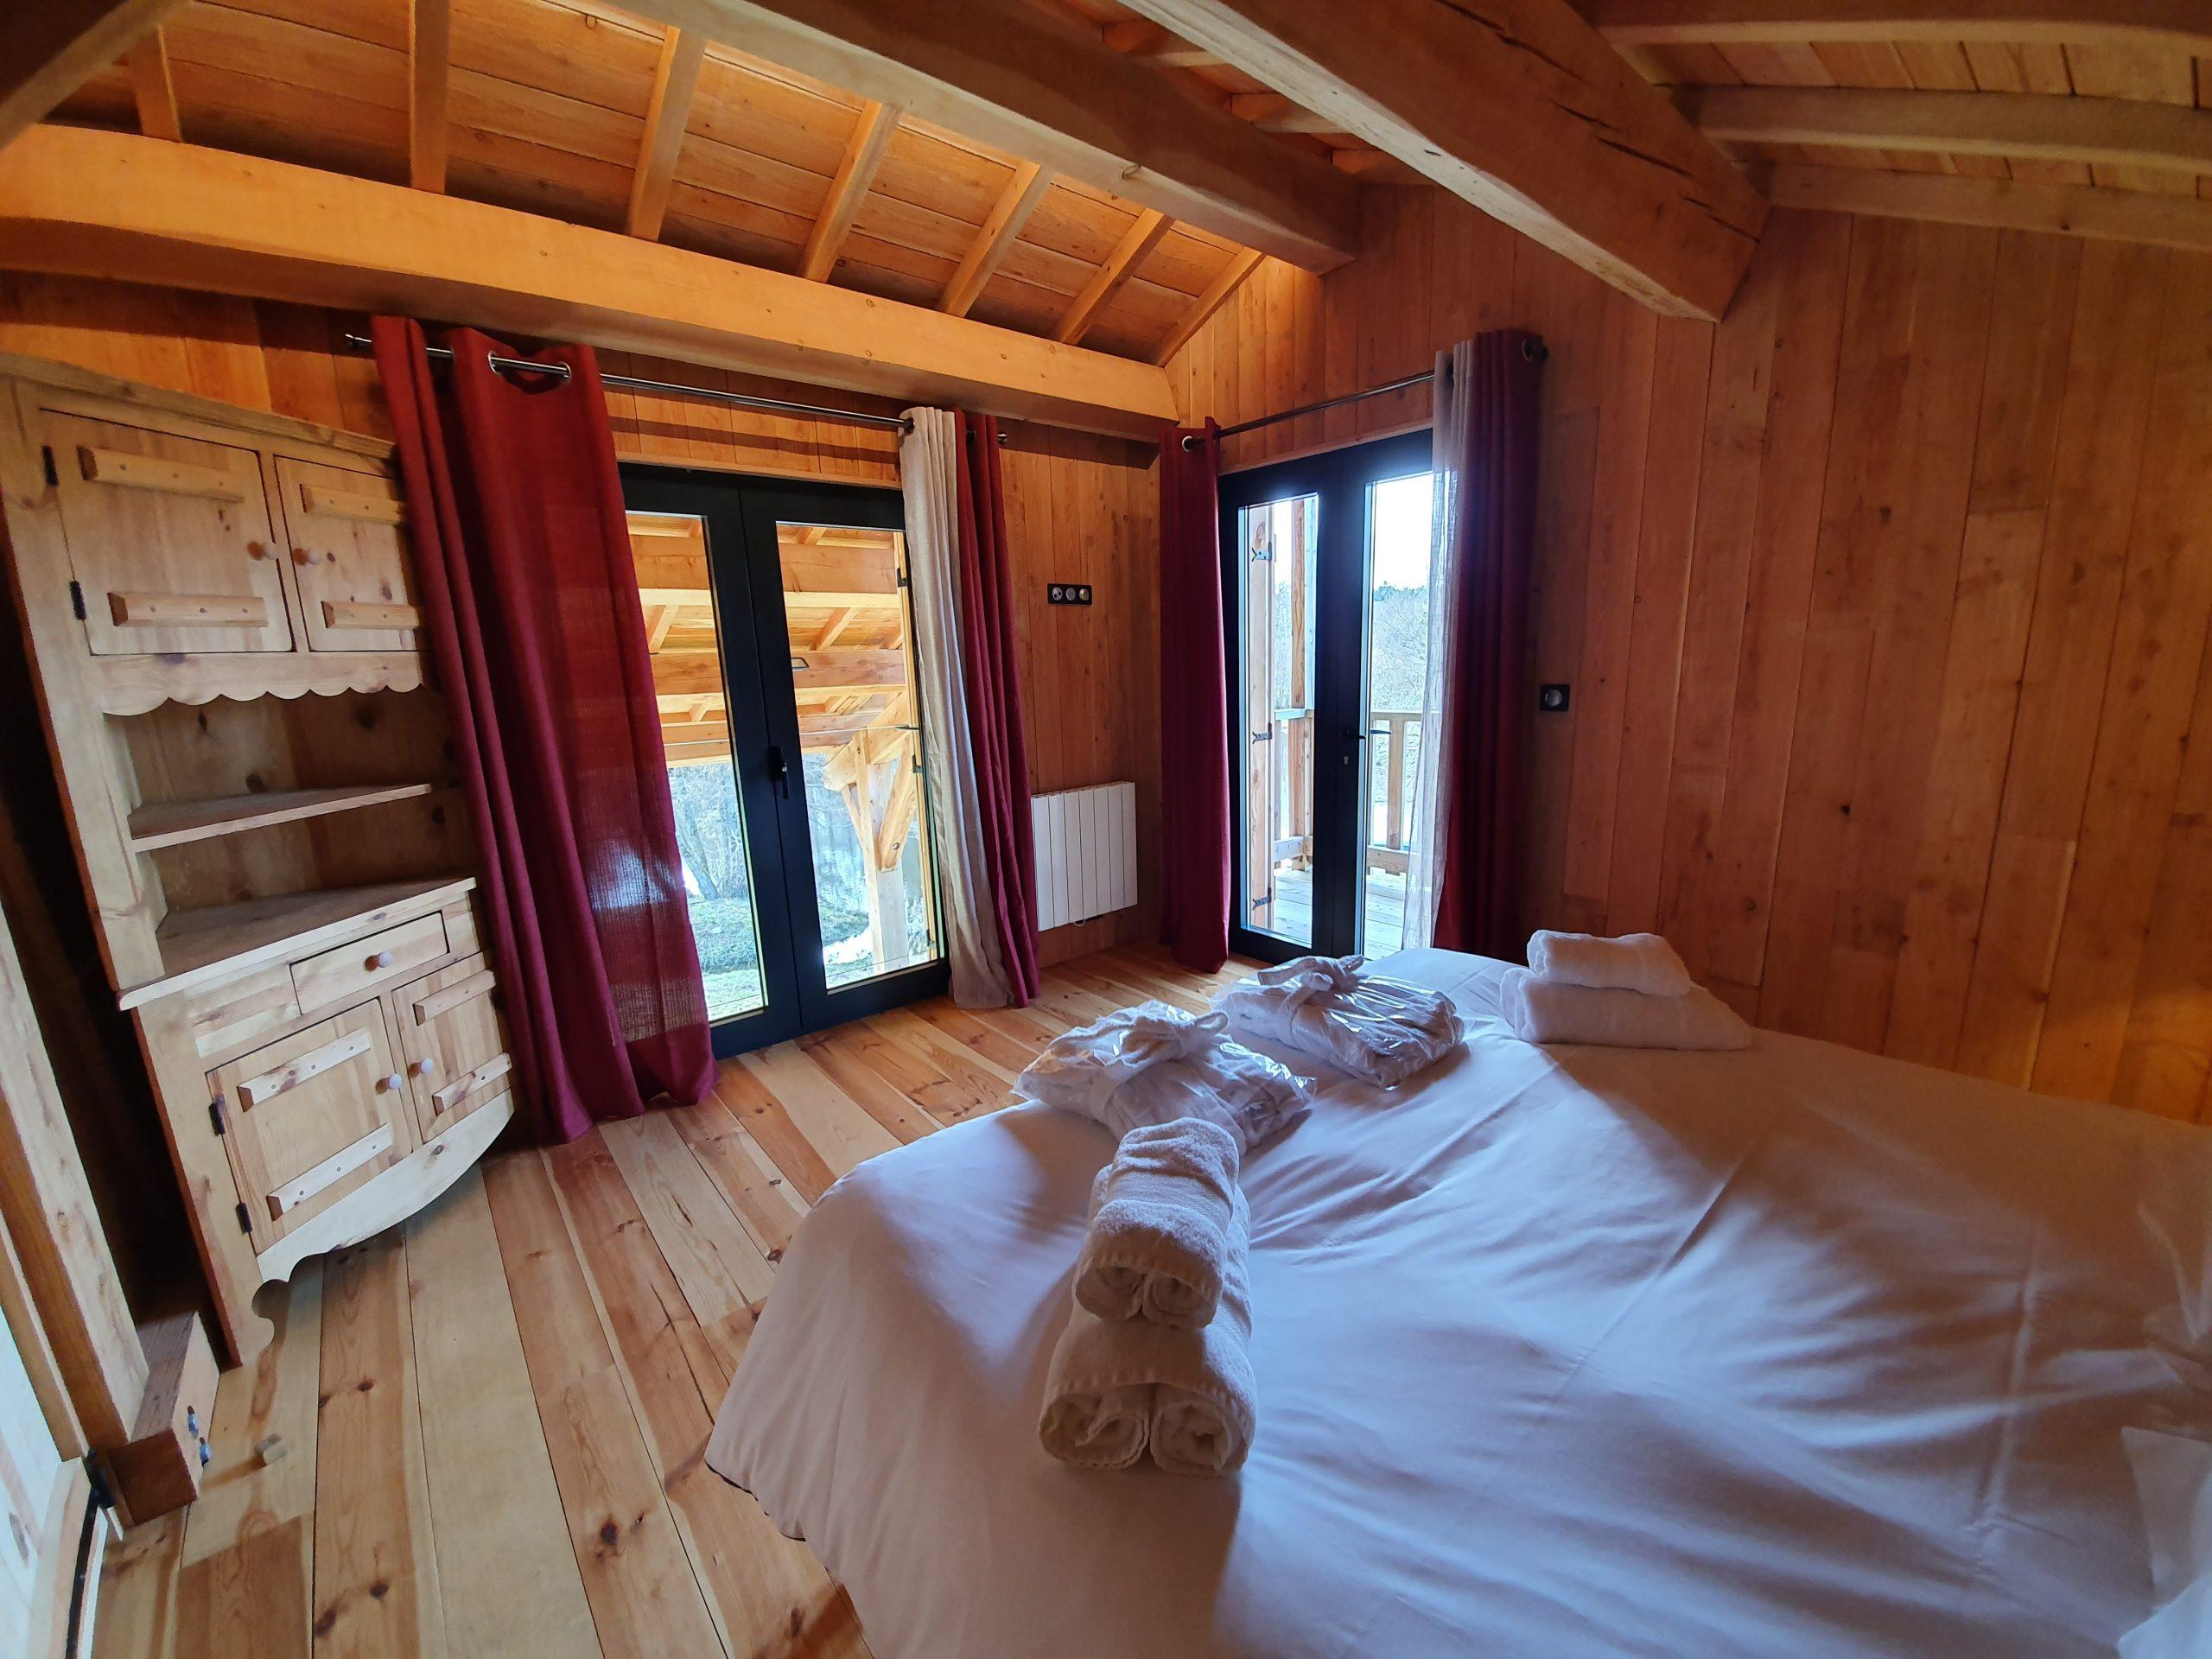 Chambre double avec balcon et vue sur l'étang du chalet